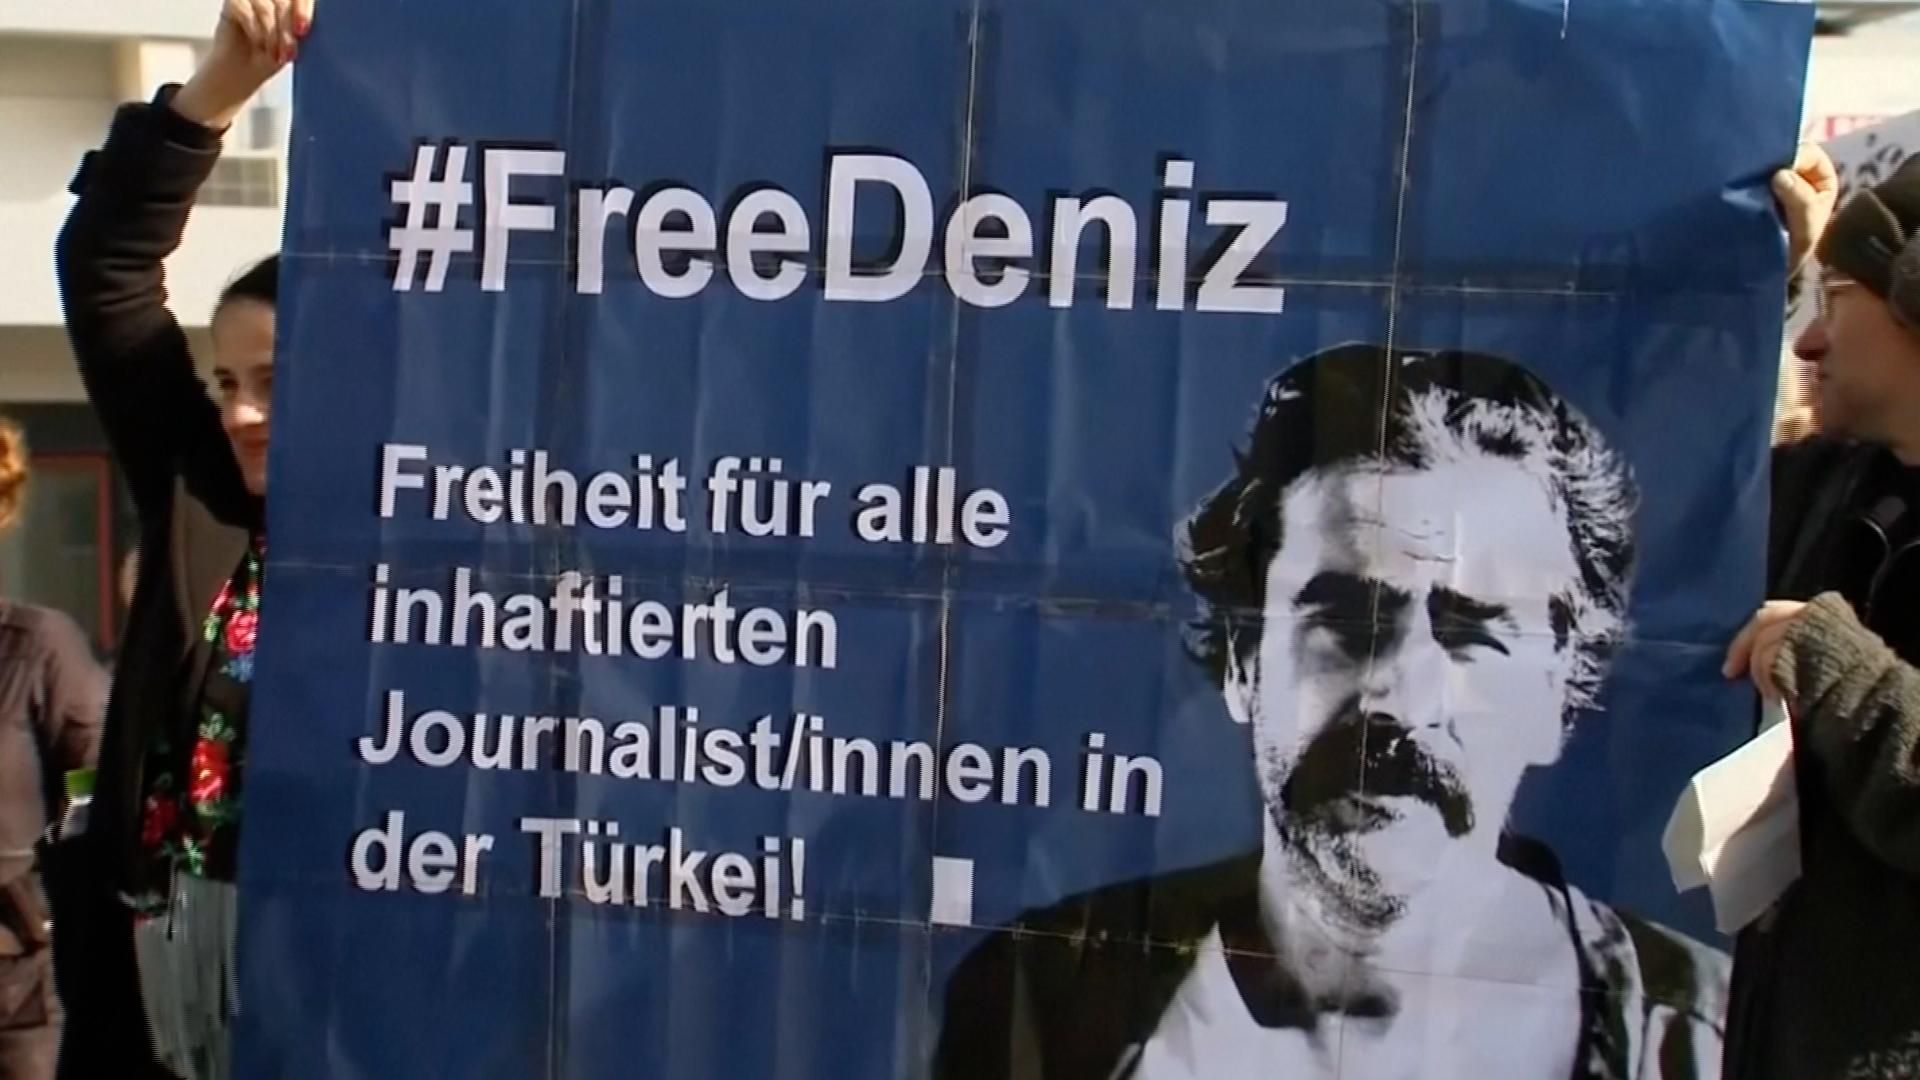 Německý novinář Deniz Yücel byl po roce propuštěn z turecké vazby